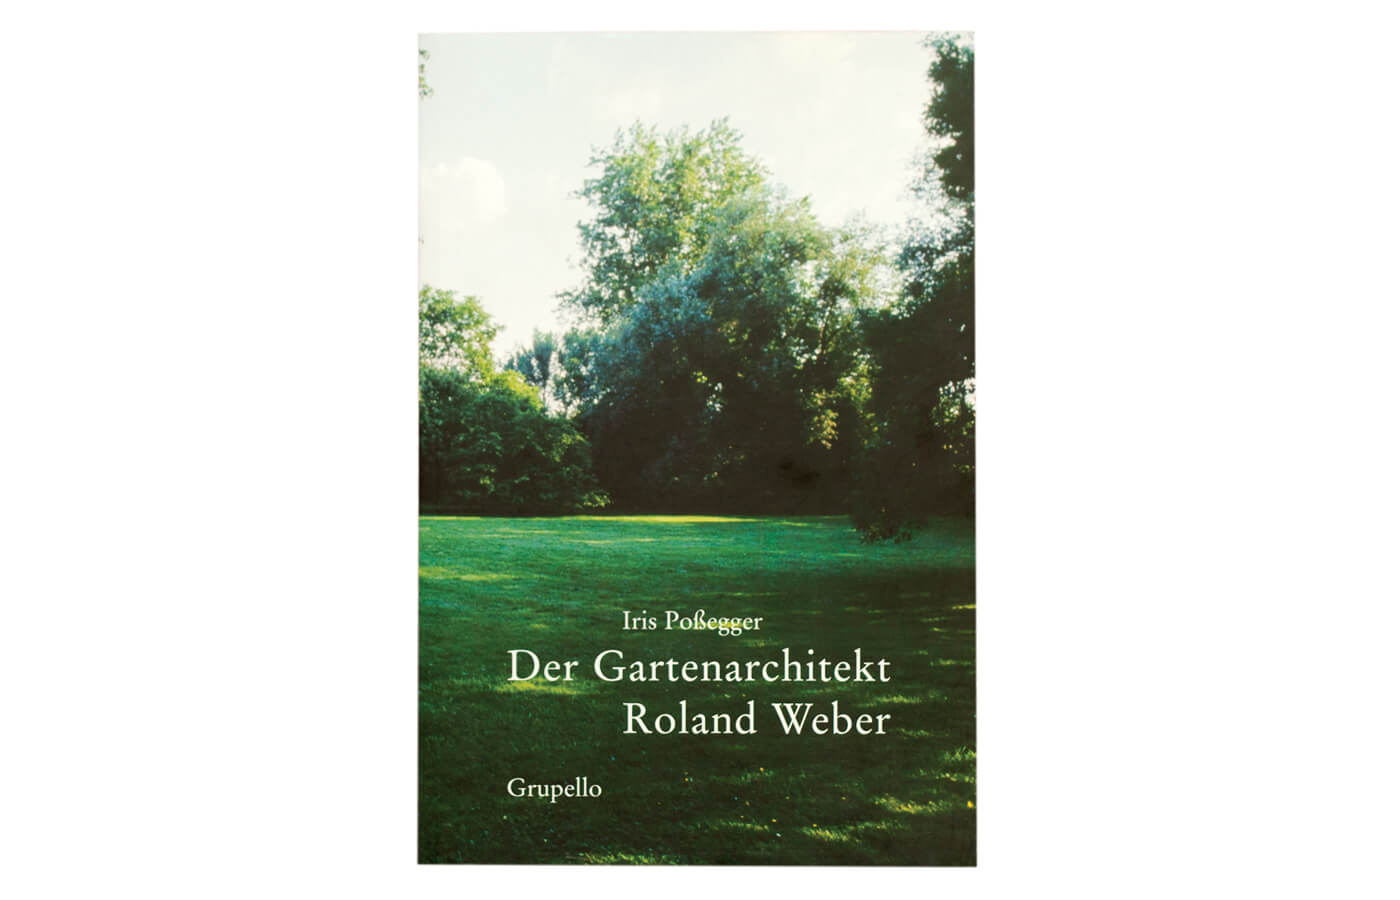 Der Gartenarchitekt Roland Weber